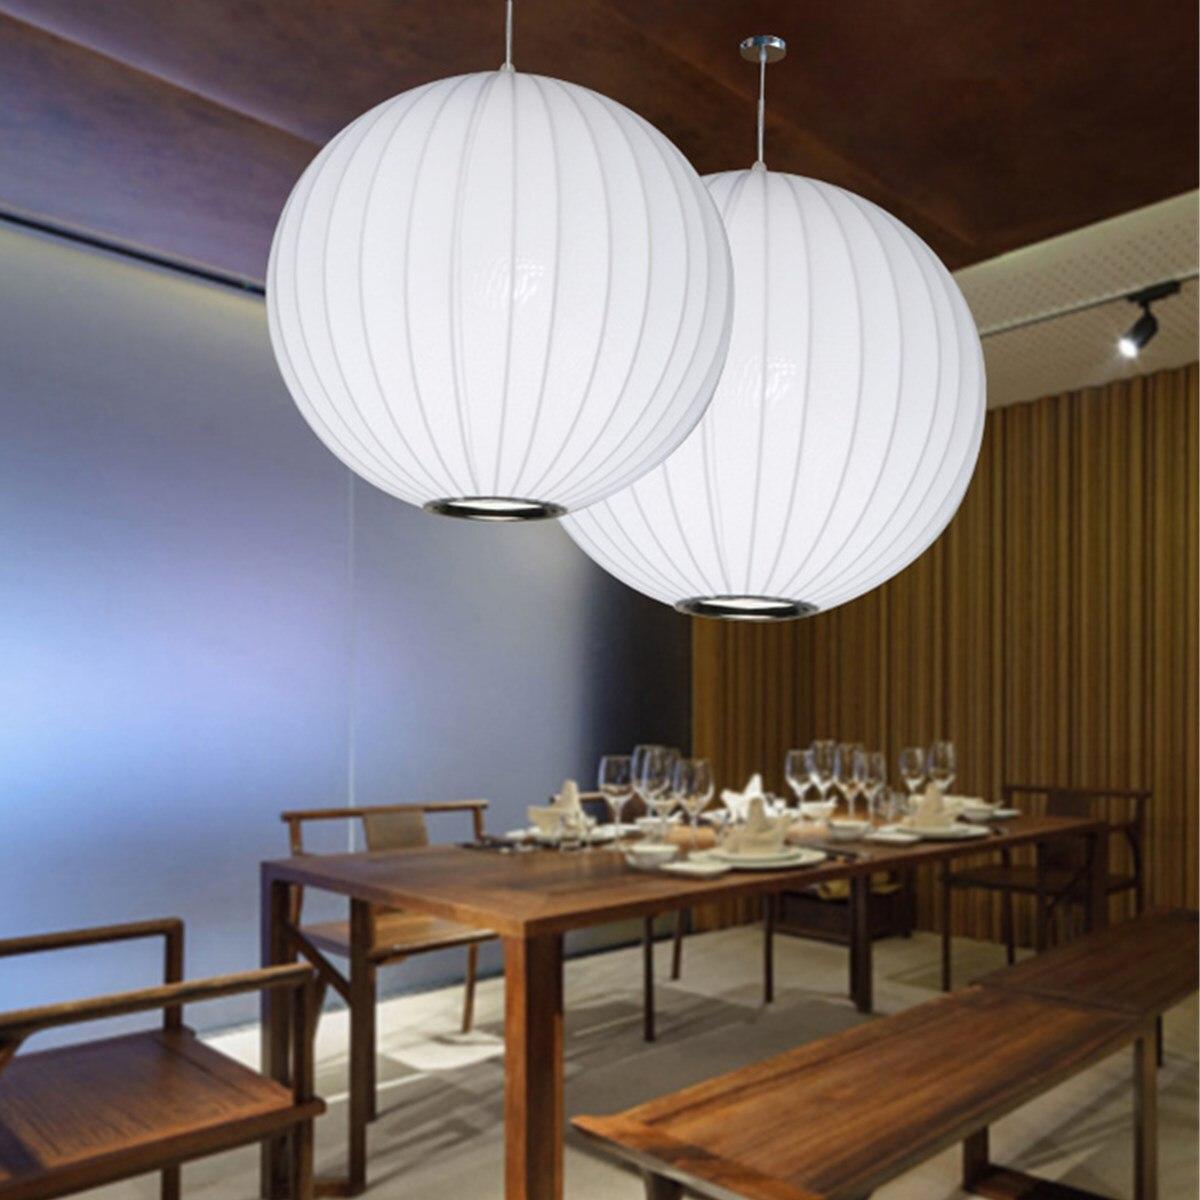 E27 шелковые подвесные светильники пузырьковая Лампа Белый Шелковый шар подвесной светильник Белая Гостиная домашняя Подвесная лампа Внутр...